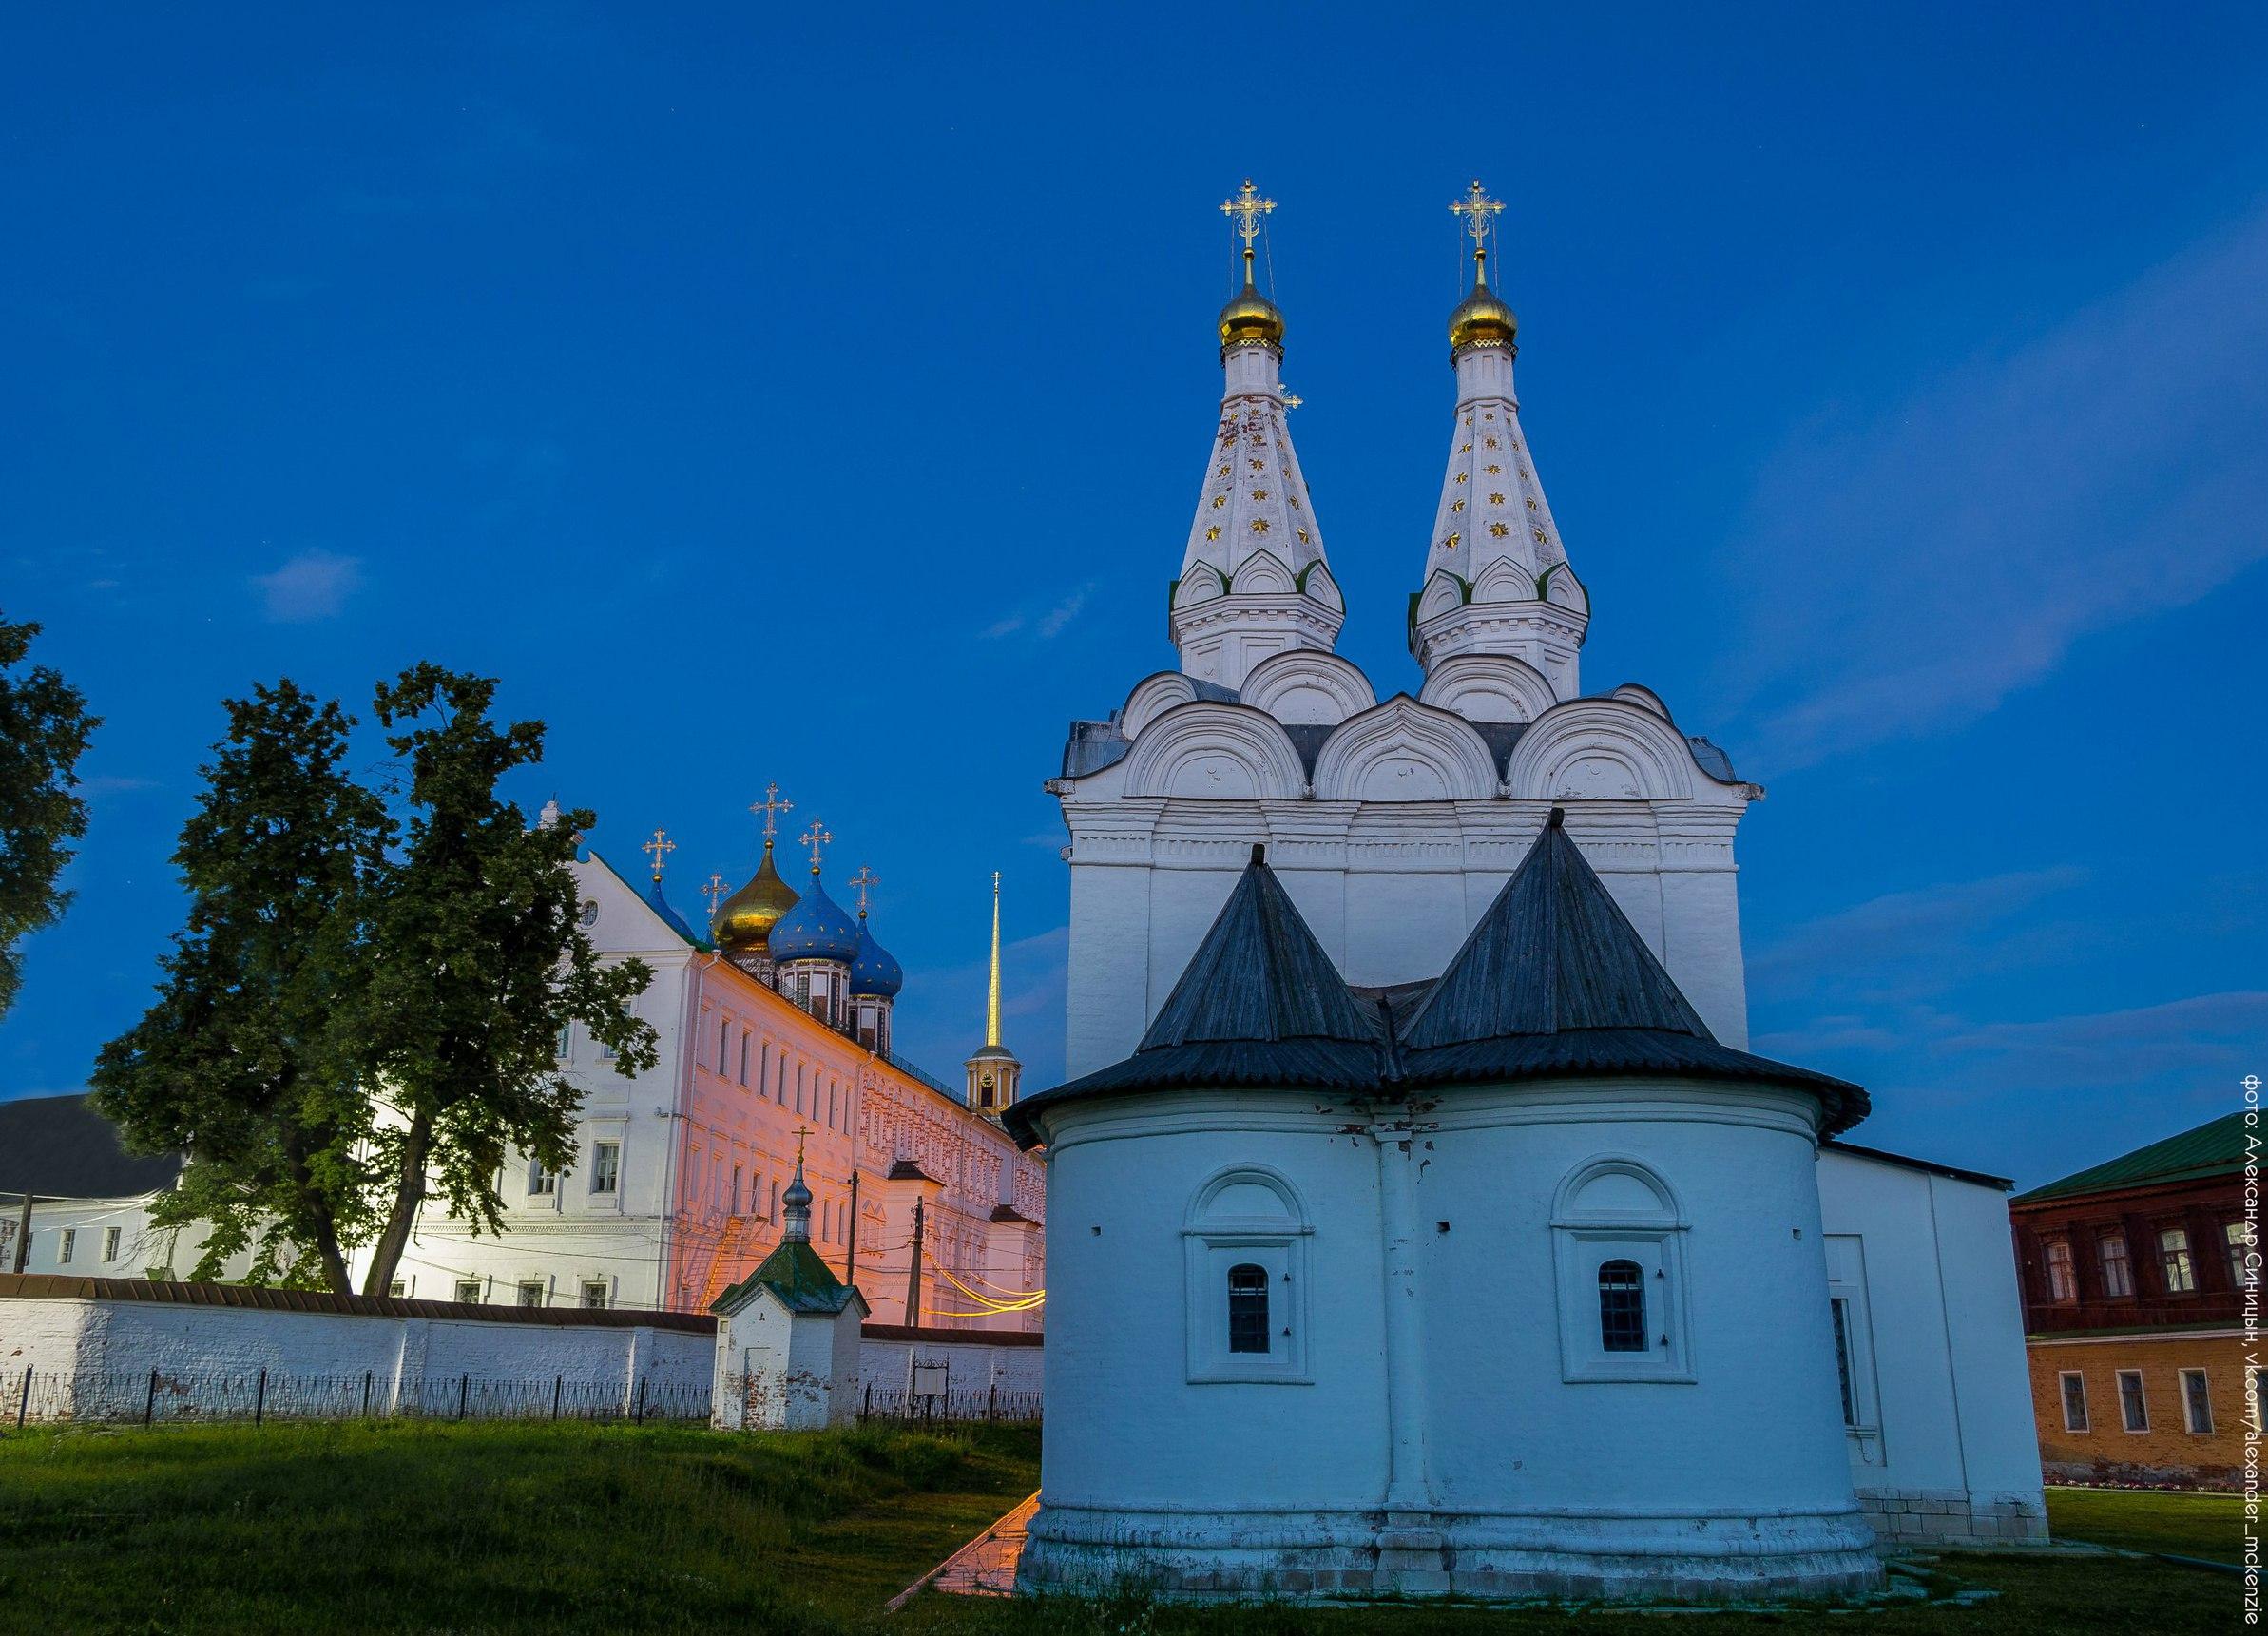 Церковь Святого духа Рязанский кремль